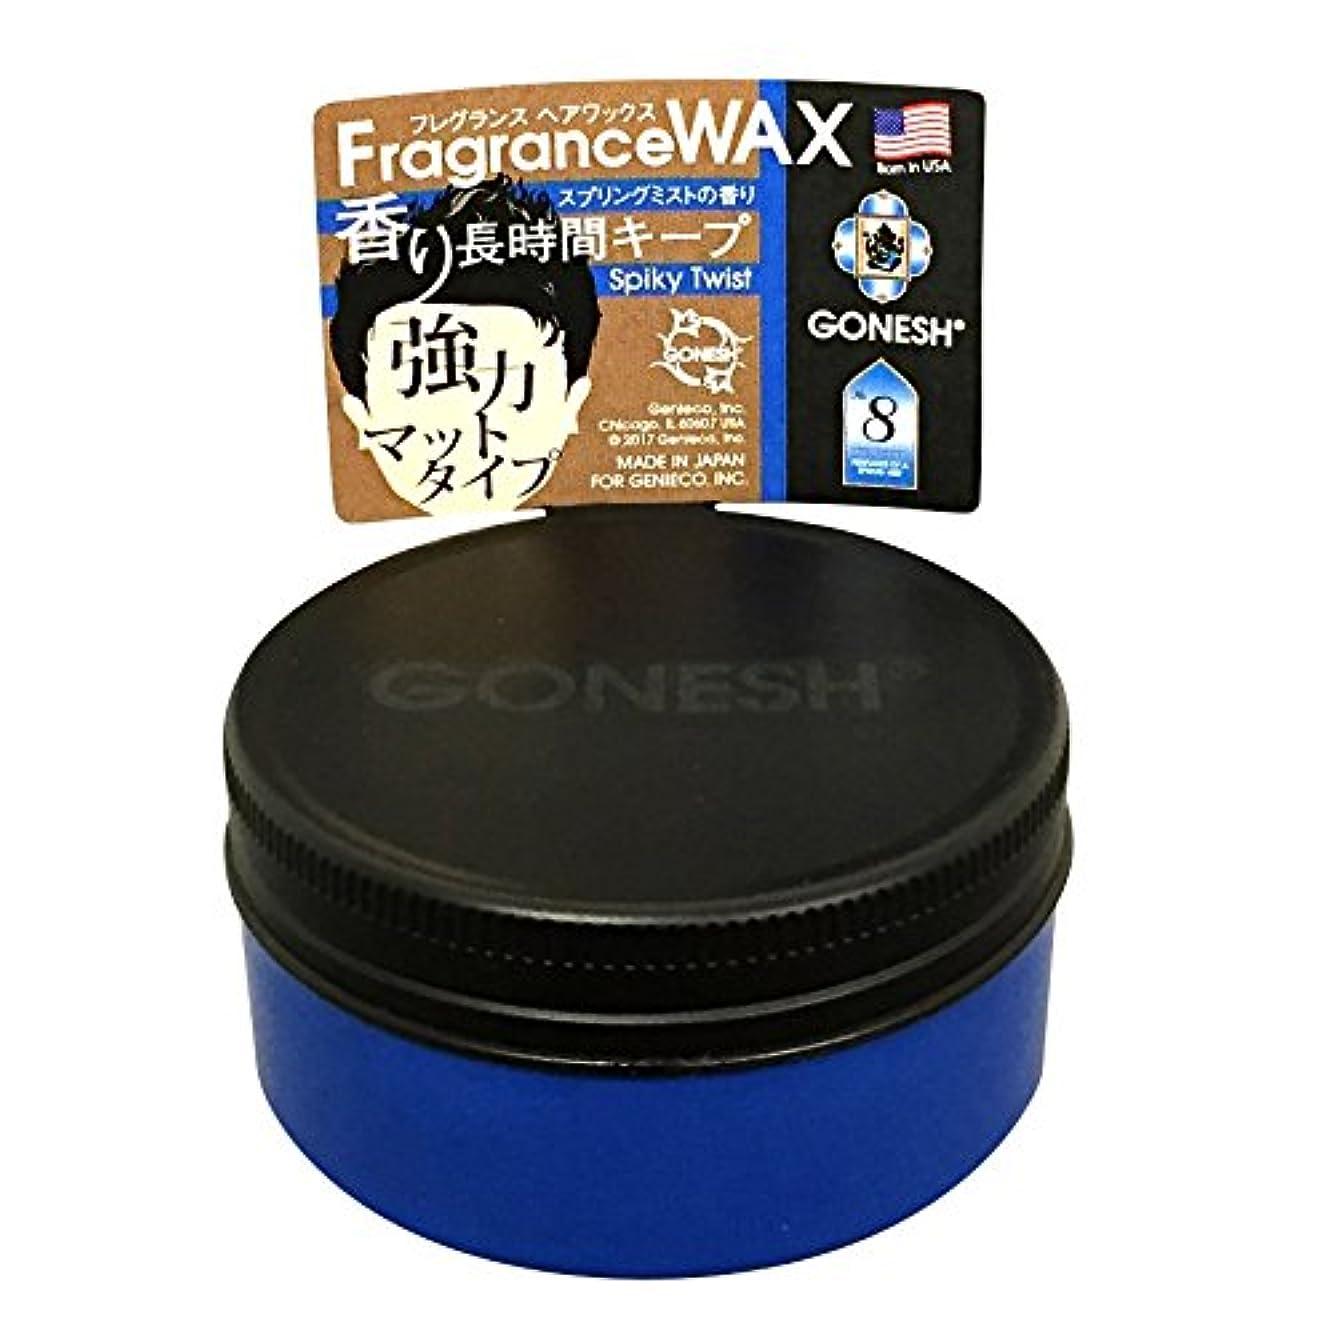 勝利した食物ええGONESH フレグランスヘアワックス(スタイリング剤) NO.8 強力マットタイプ 60g